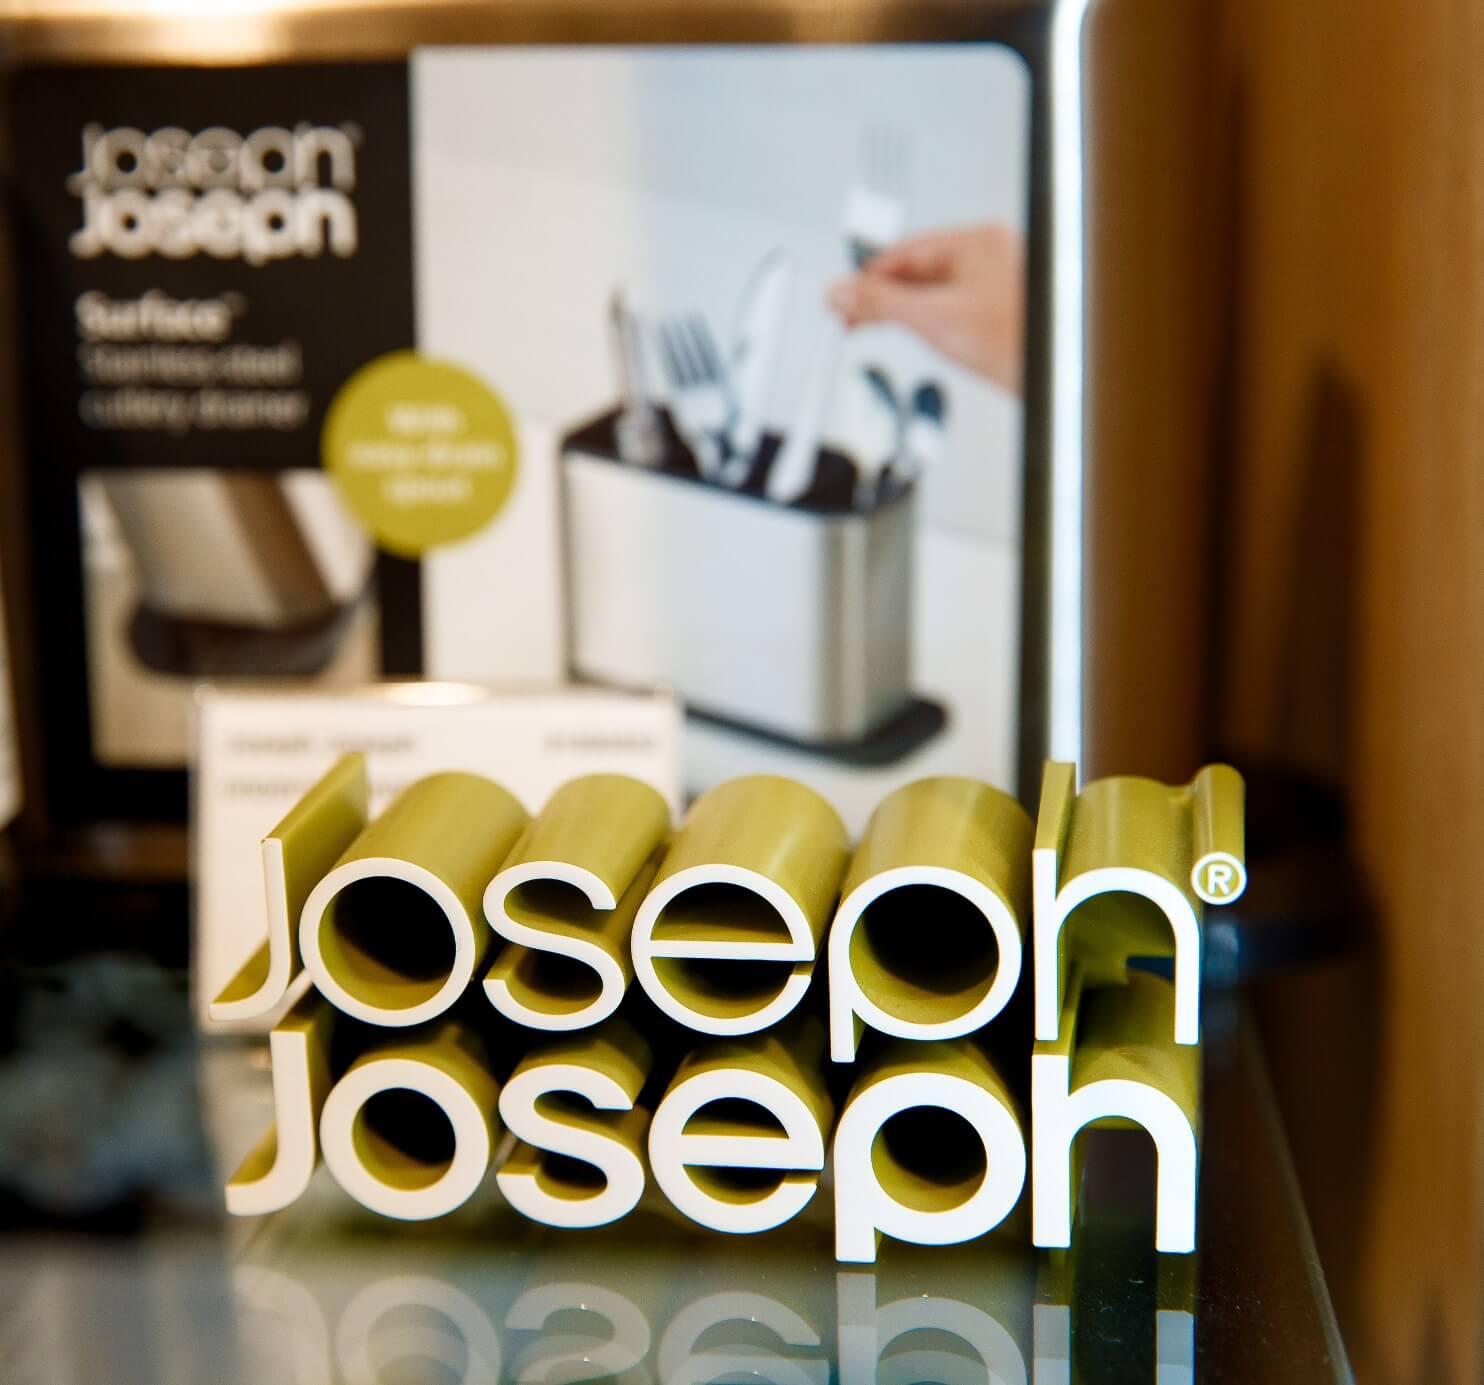 Набор кухонных мисок многофункциональный JOSEPH JOSEPH Nest Plus, разноцветный, 9 предметов Joseph Joseph 40031 фото 2